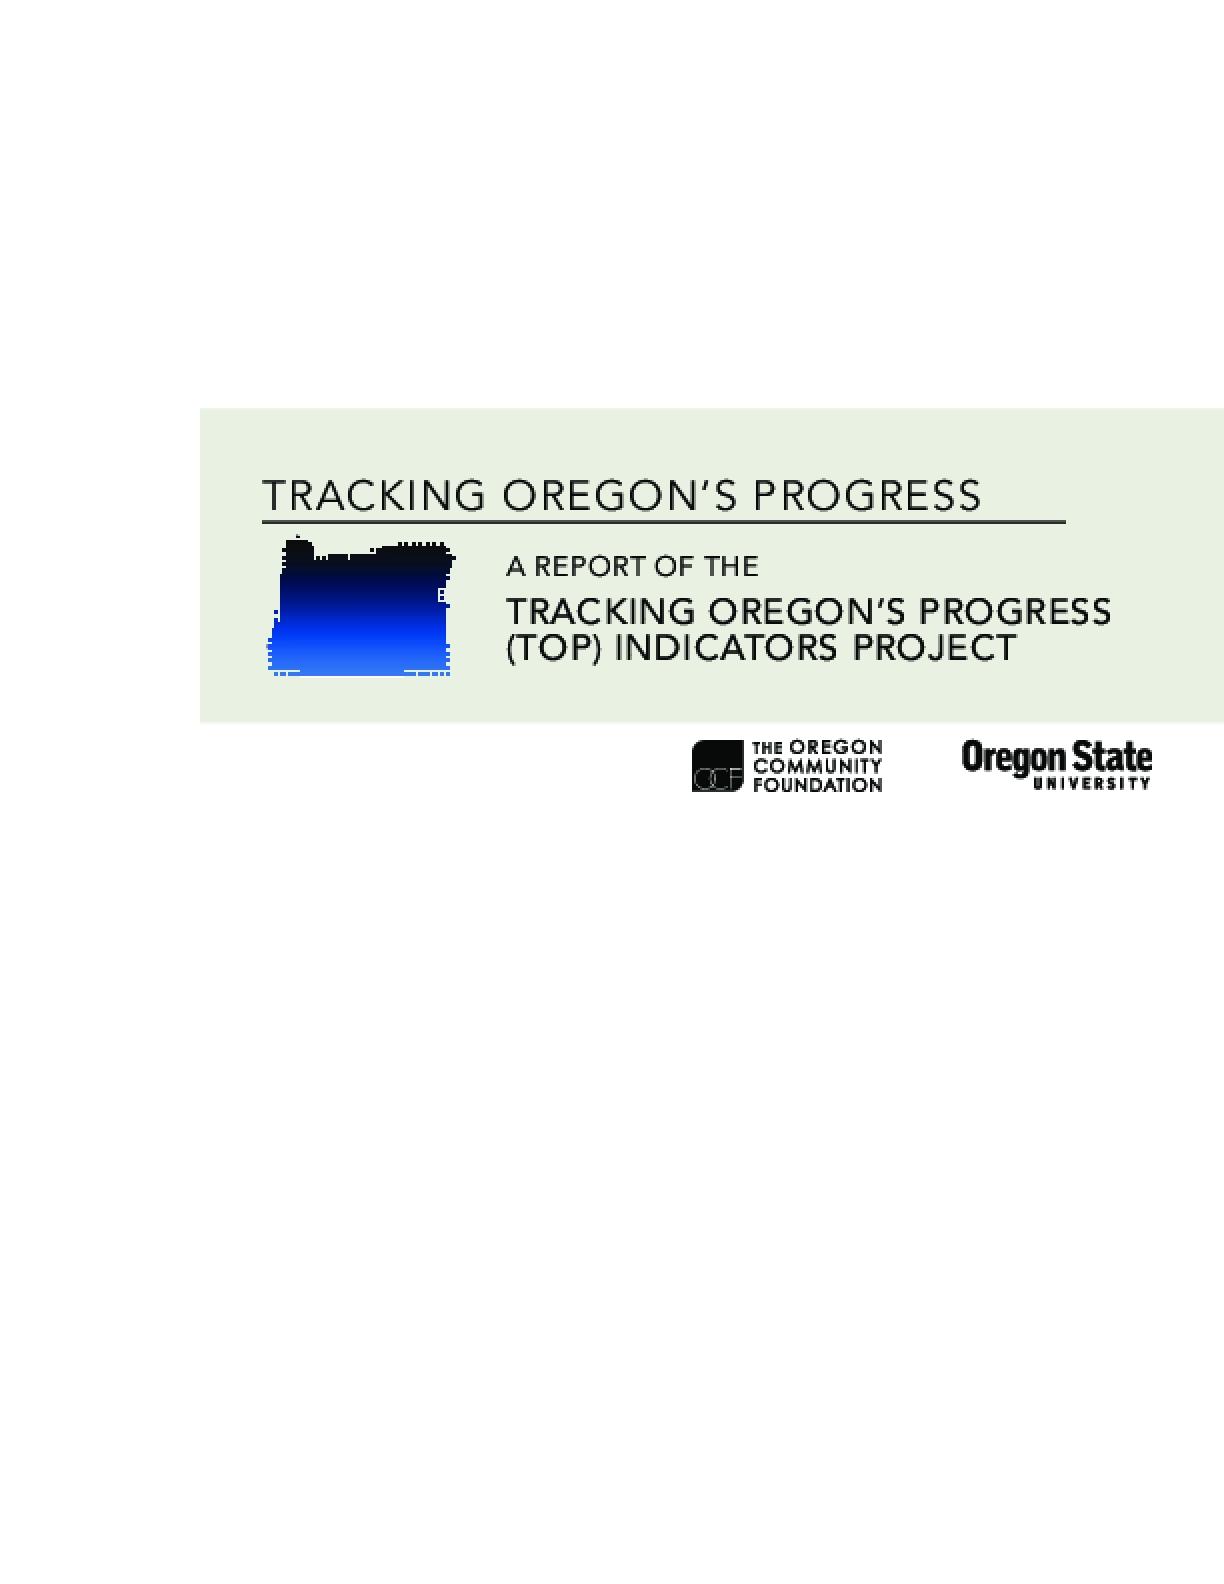 Tracking Oregon's Progress (TOP) Indicators Project